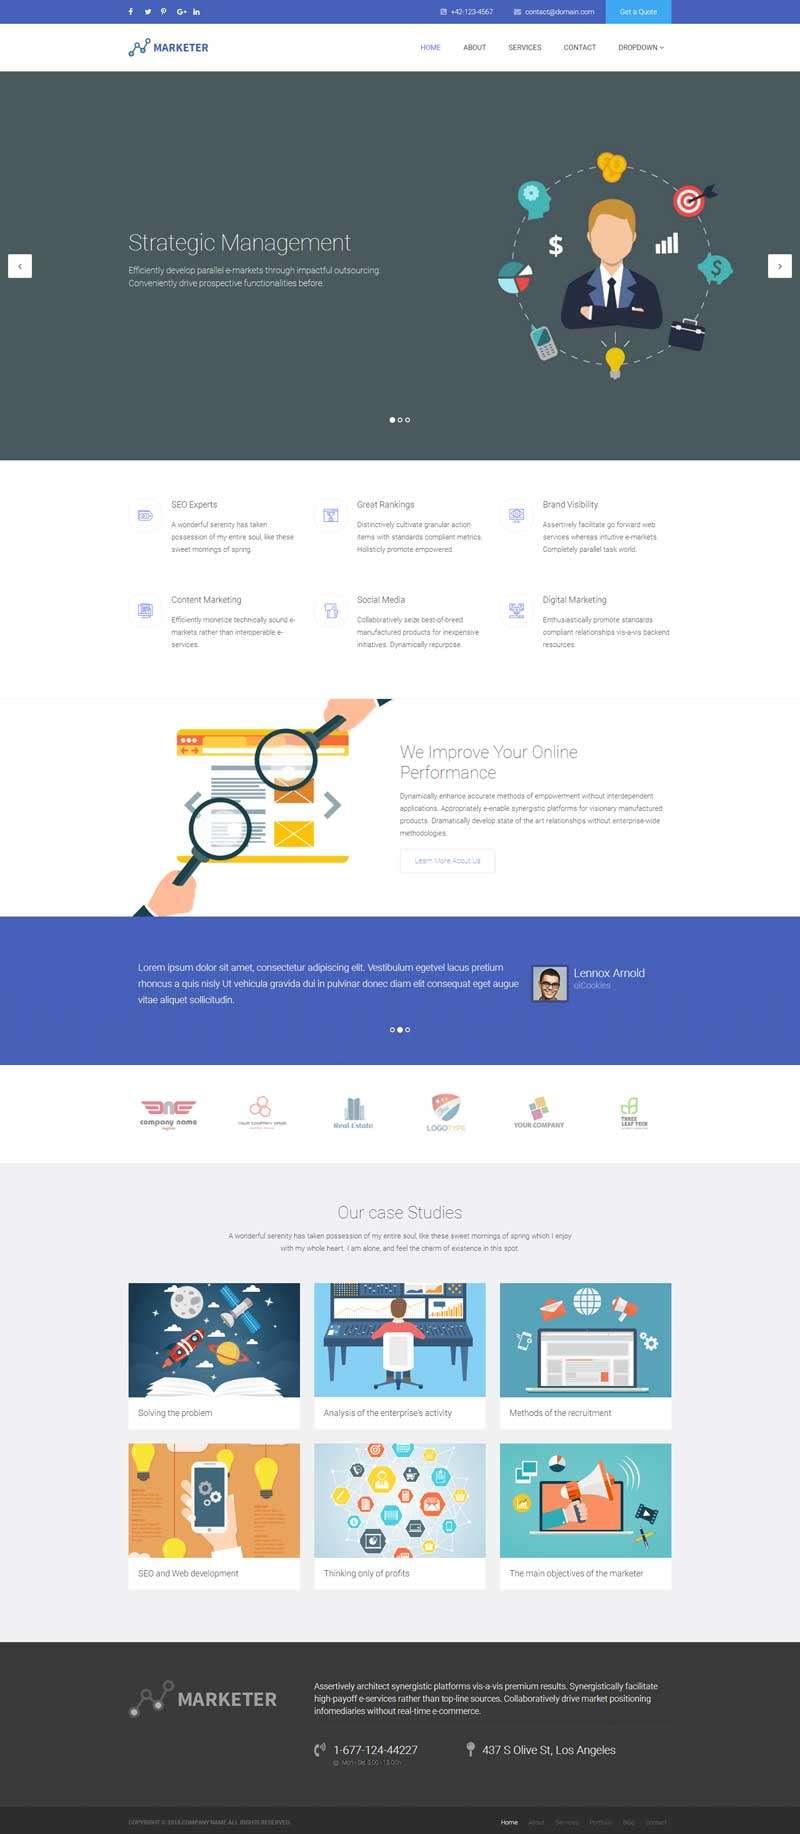 宽屏的网络营销推广服务公司网页模板